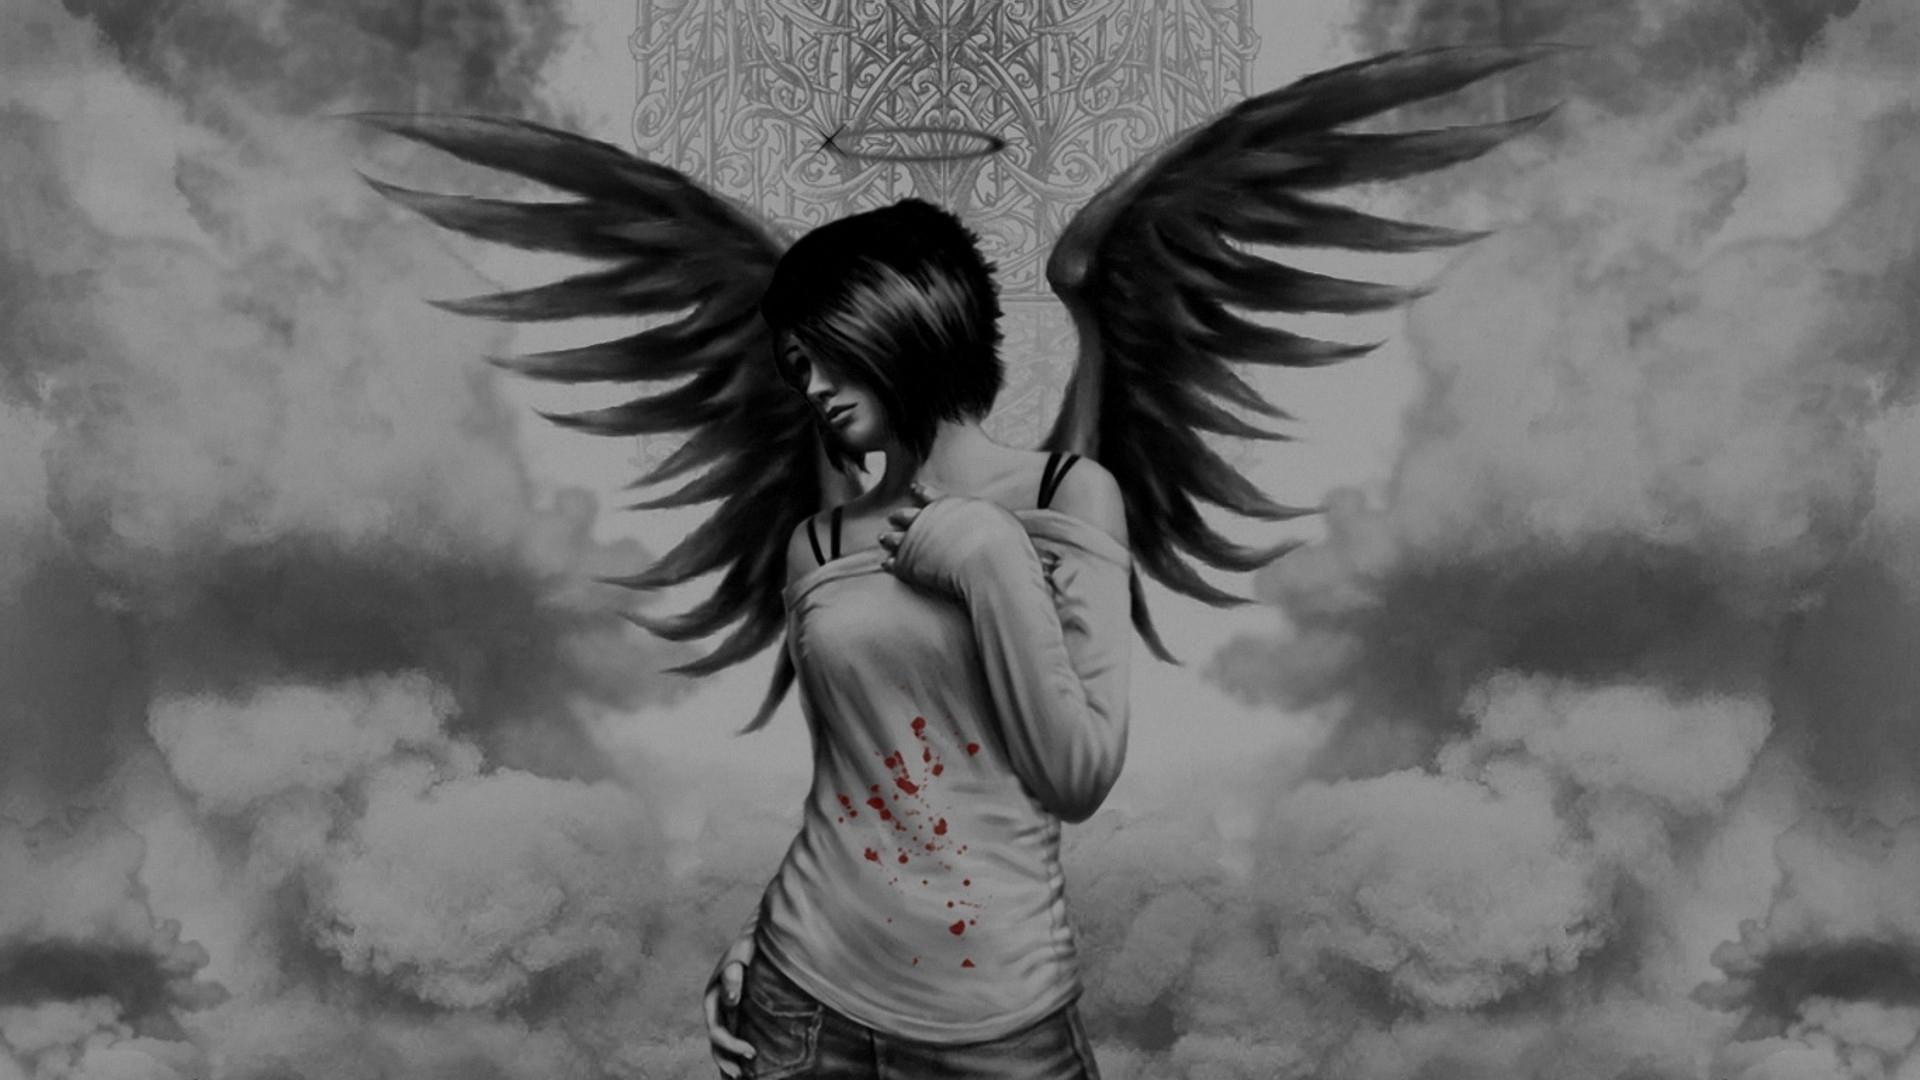 HD Fallen Angel Wallpaper For Desktop Live Fallen Angel 1920x1080